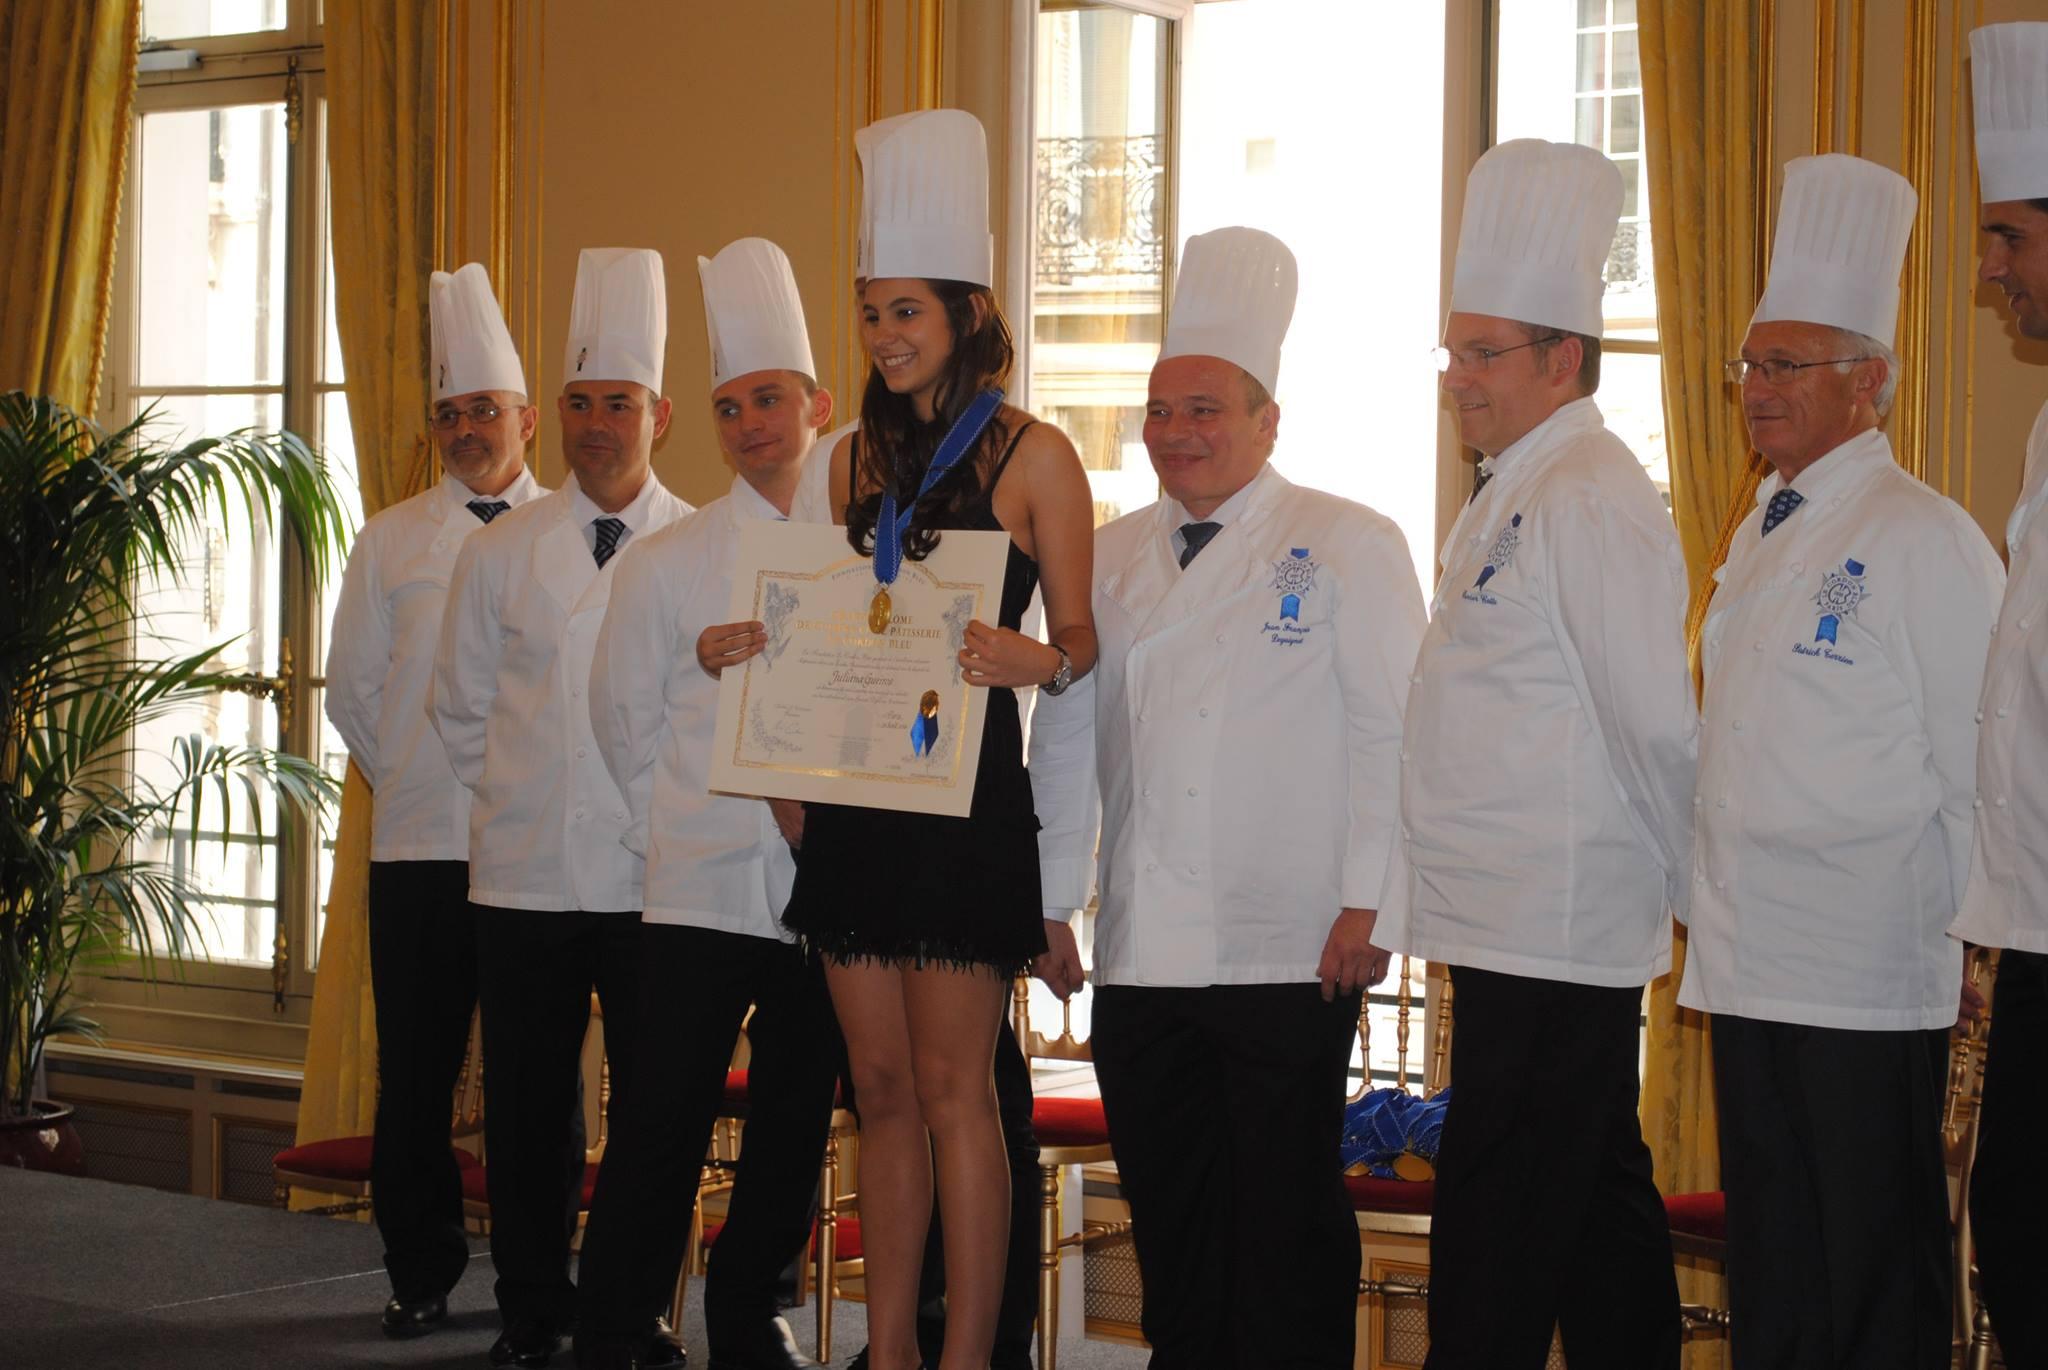 Moça jovem com vestido preto posa com diploma e chapéu branco de chef de cozinha. Ao seu lado, estão outros chefs usando chapéu e uniforme branco